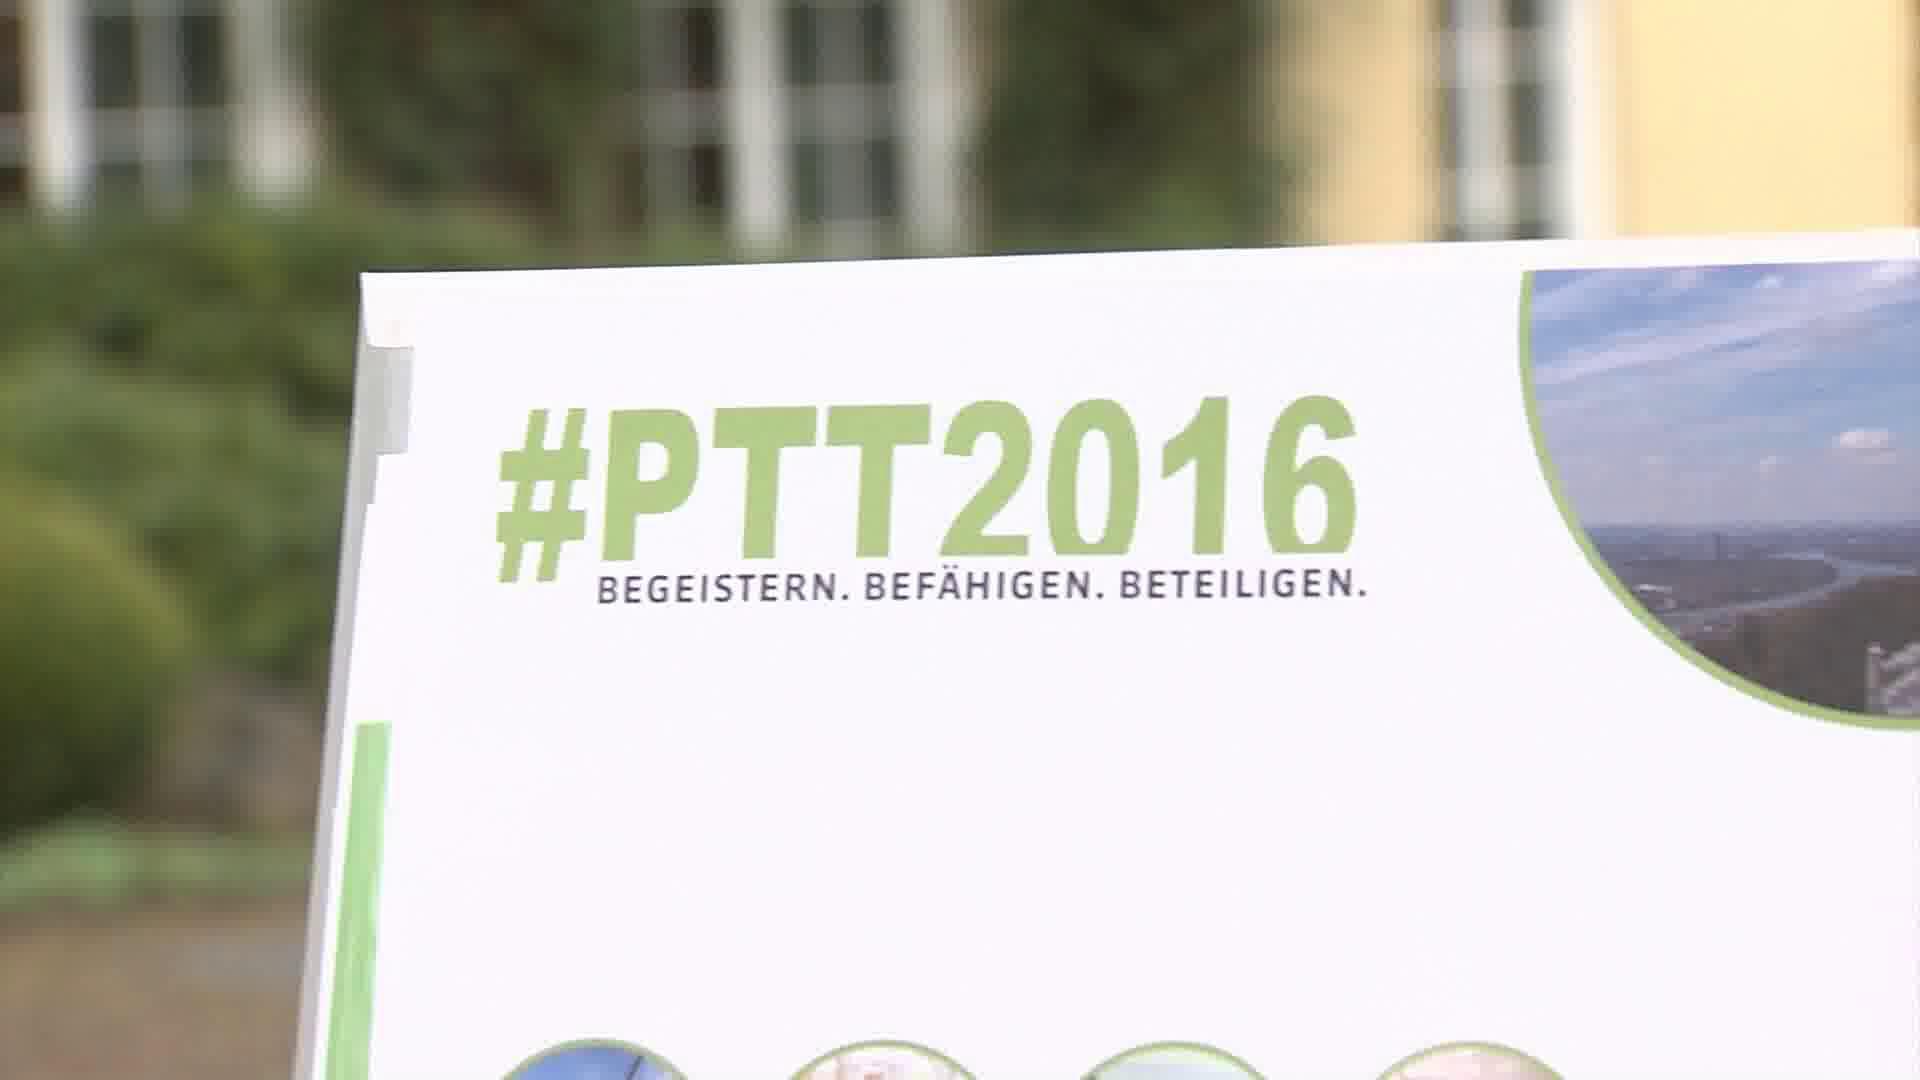 Link Begeistern. Beteiligen. Befähigen - Filmische Rückschau der #ptt2016